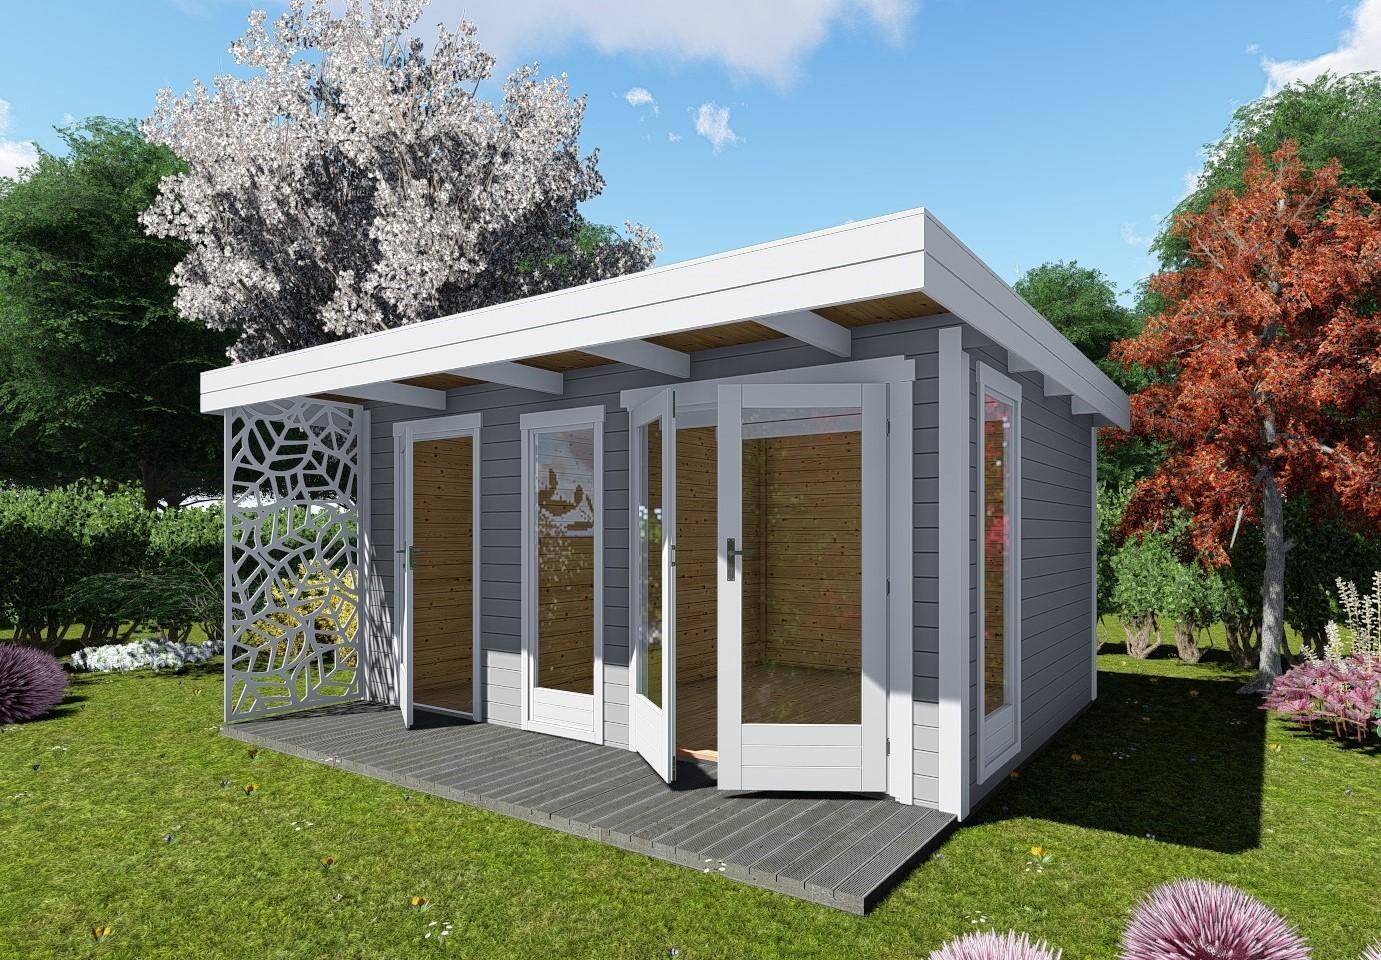 Gartenhaus Design Flachdach mit Anbau 40 mm NWH Celle 40224